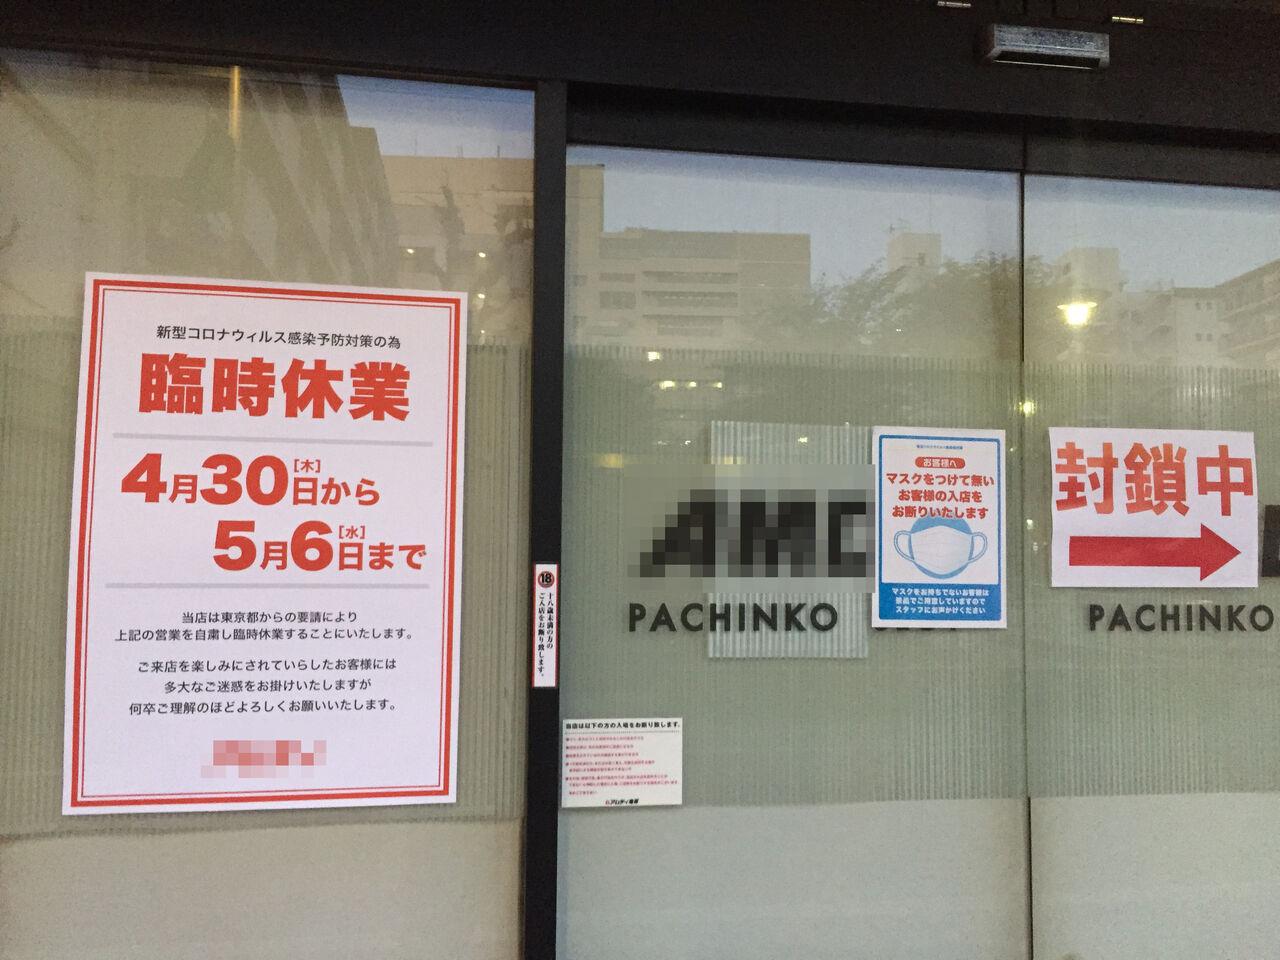 営業 し て いる 店 今日 パチンコ